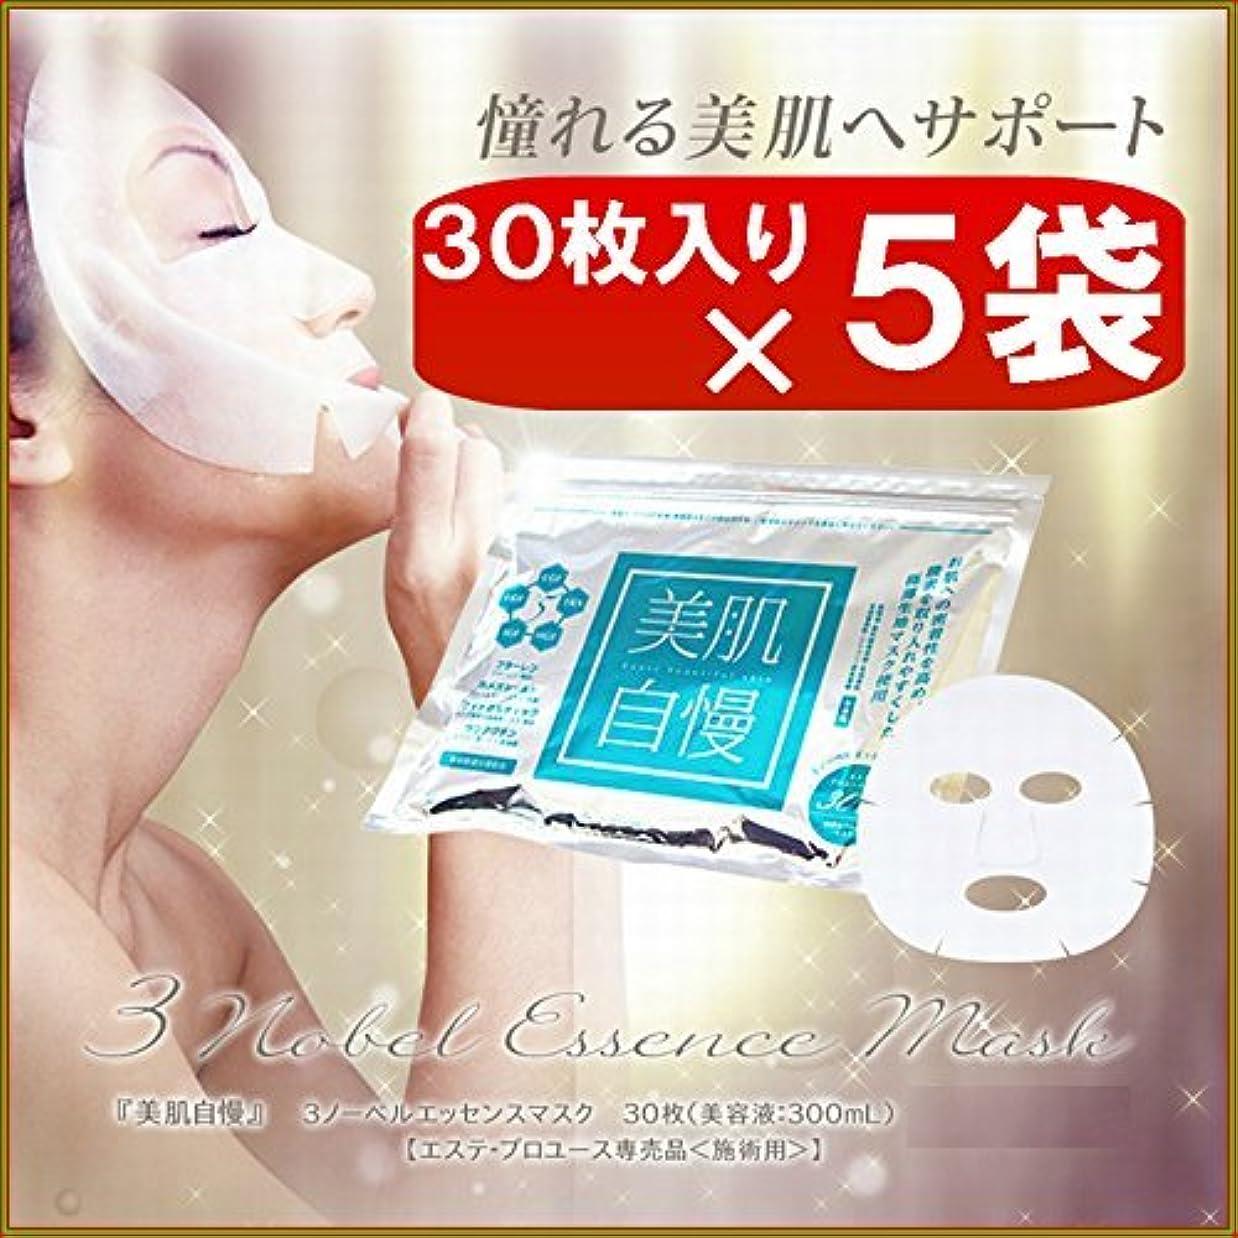 家族オプショナルなめらか美肌自慢フェイスマスク 30枚入り ×超お得5袋セット 《エッセンスマスク、EGF、IGF、ヒアルロン酸、プラセンタ、アルブチン、カタツムリエキス、しみ、しわ》